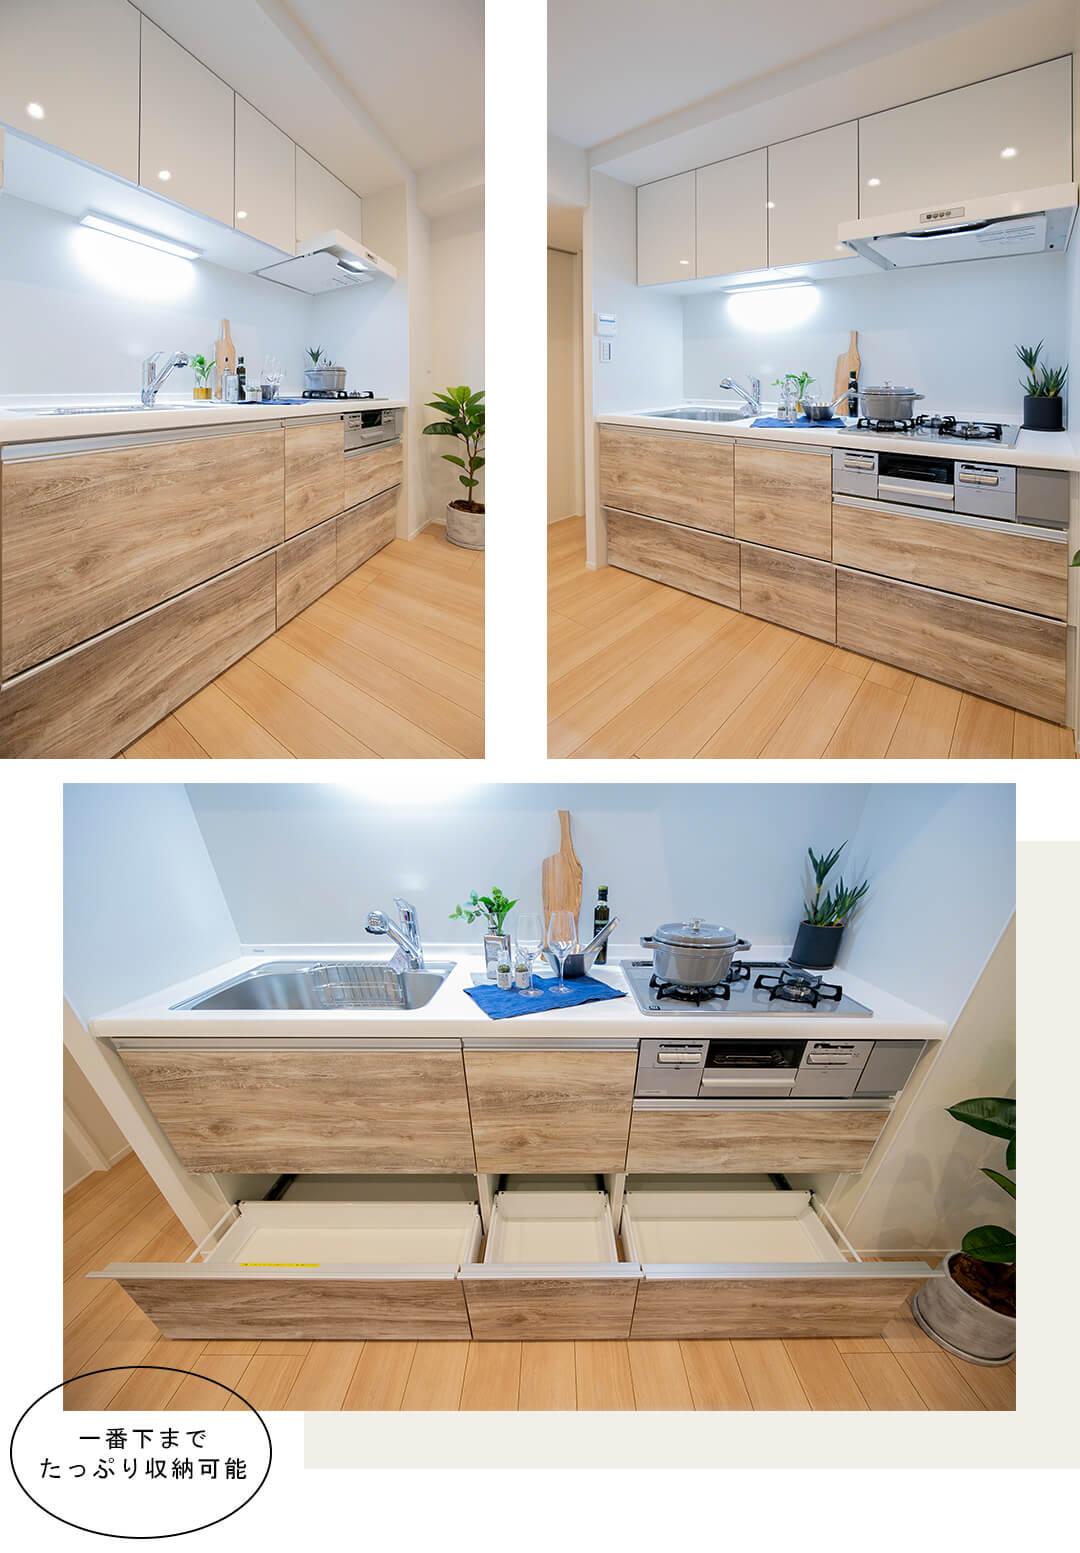 ベルジュ経堂のキッチン